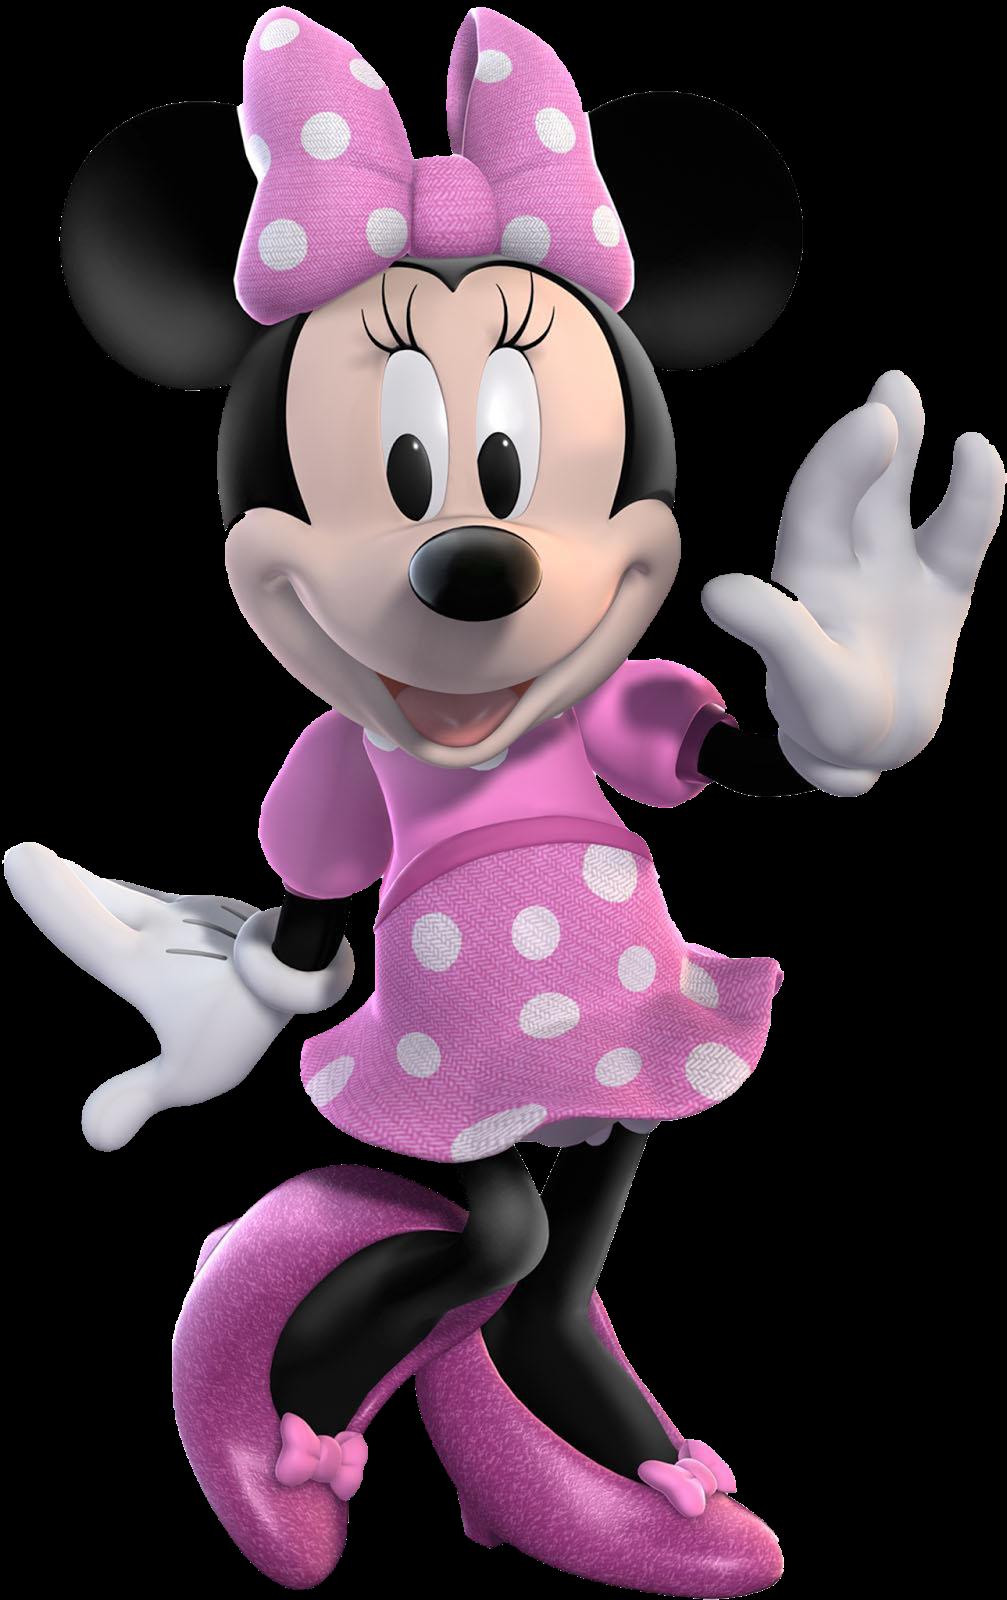 tutoriales de photoshop y coreldraw: minnie mouse en png